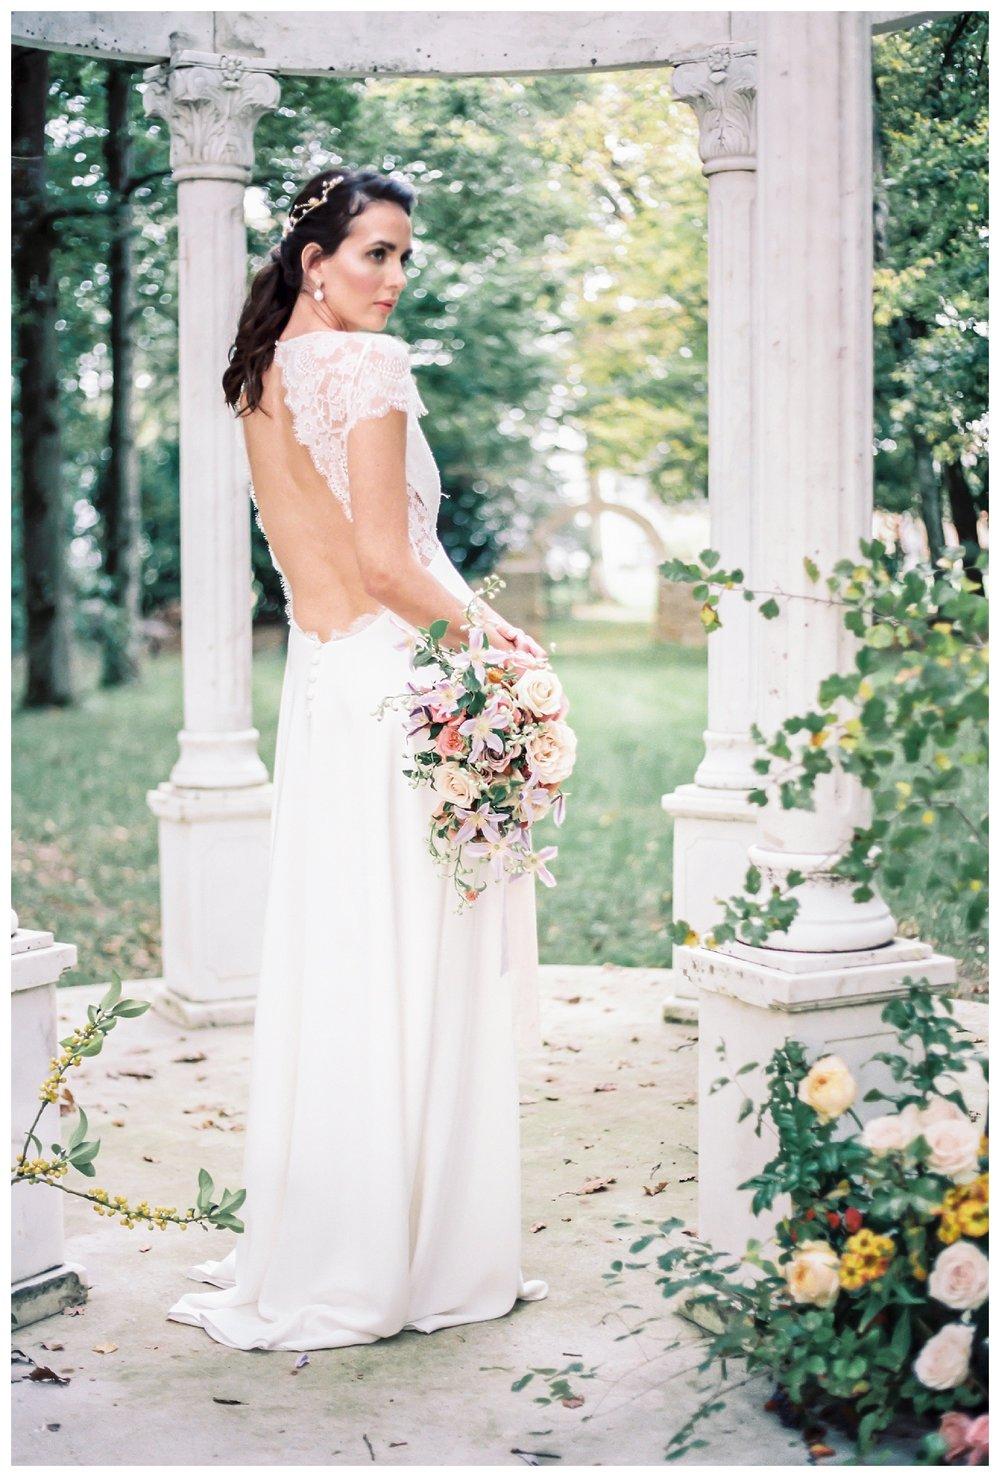 Bouquet by Floresie - Jacqueline Anne Photography - Nova Scotia Wedding Photographer